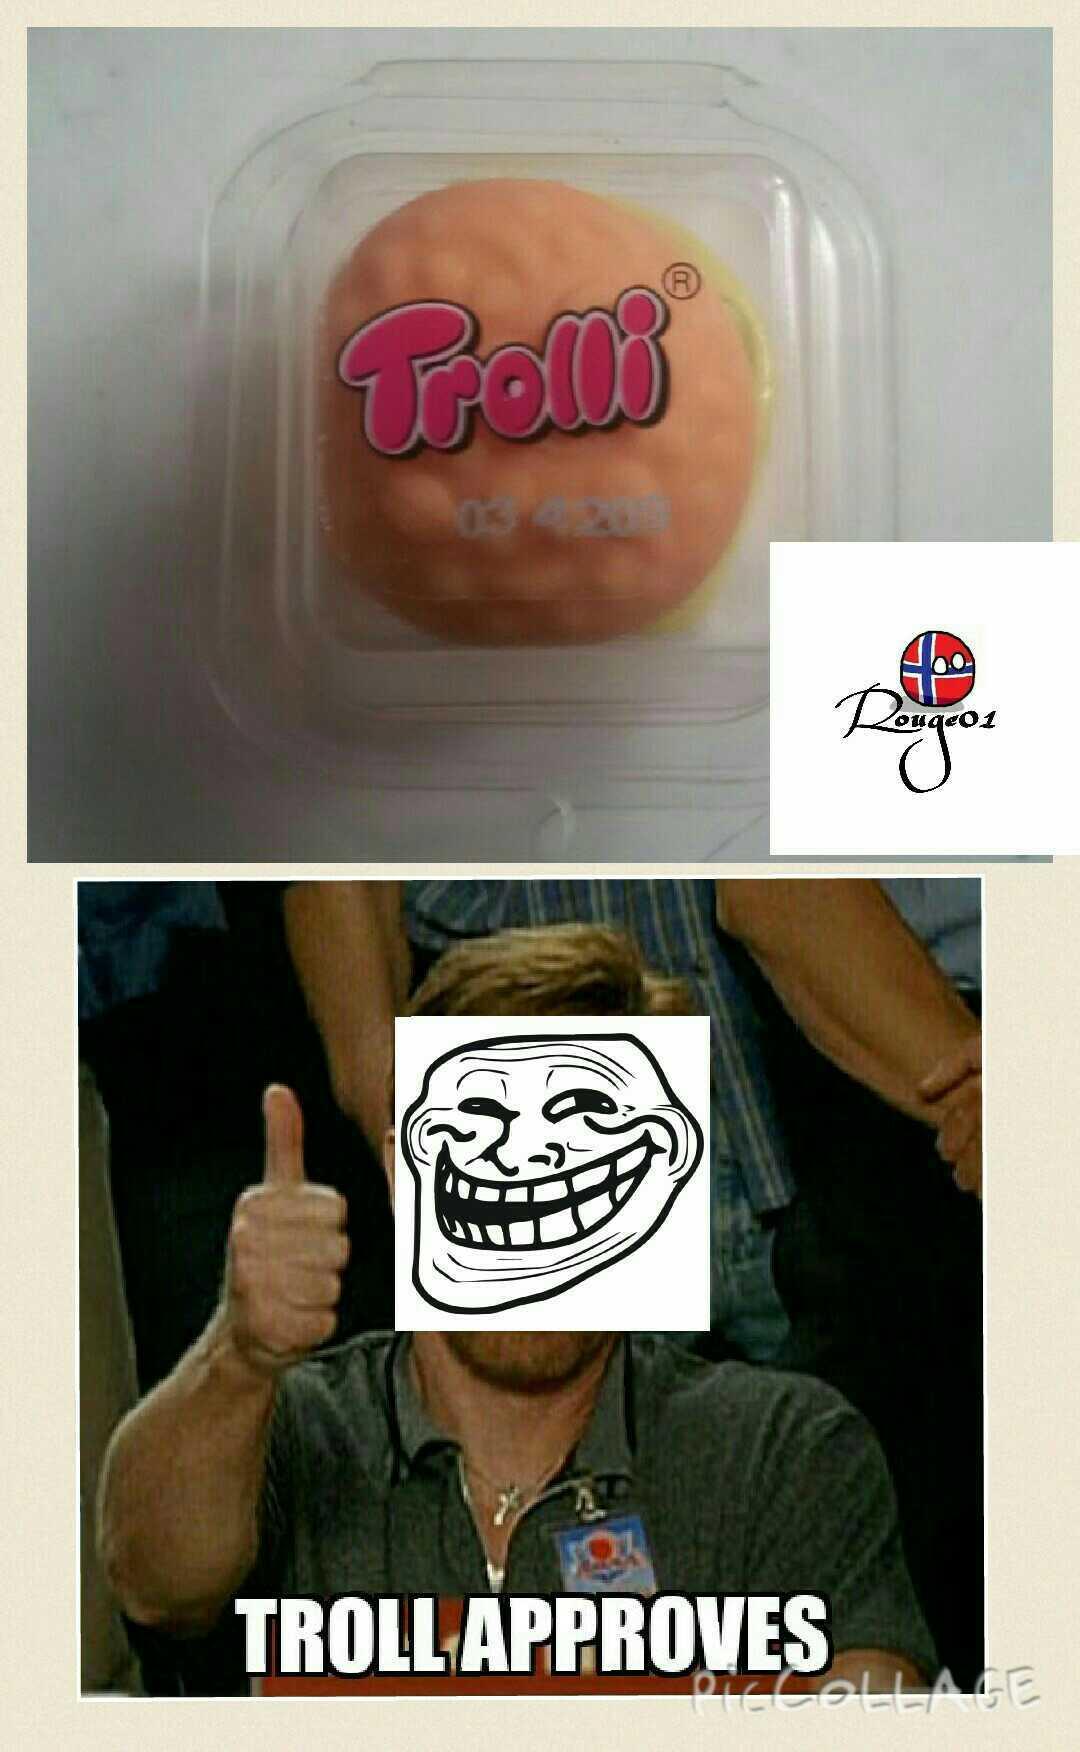 Cito pippopalla02 e maddalena! - meme